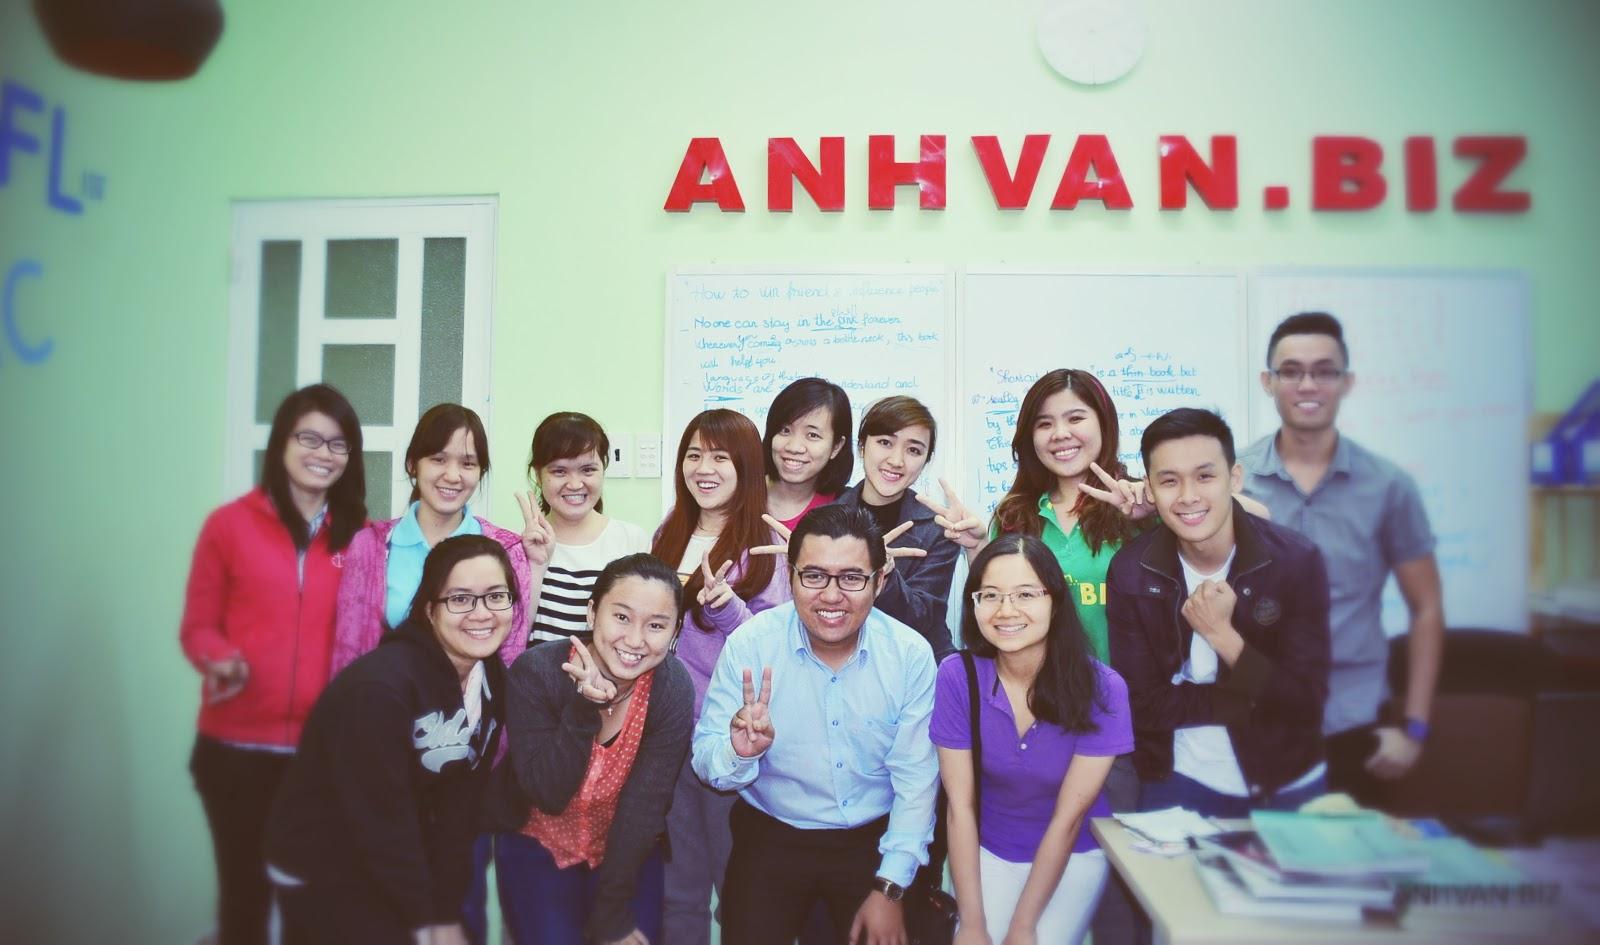 Kỉ Niệm cùng Kháchh mời Phương Tú (áo thun tím hàng đầu) - Đại sứ du học sinh quốc tế Úc 2013